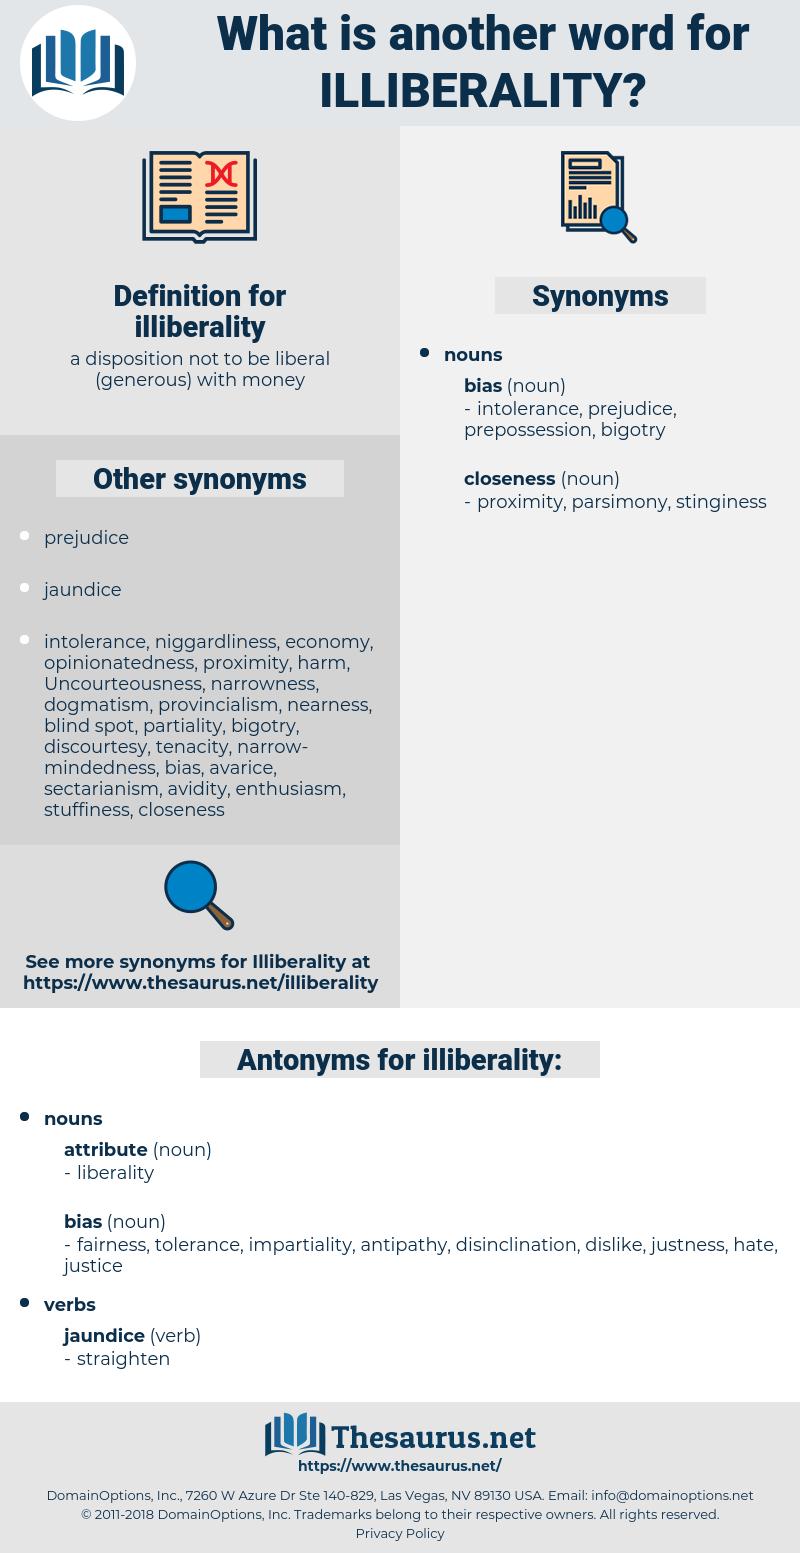 illiberality, synonym illiberality, another word for illiberality, words like illiberality, thesaurus illiberality